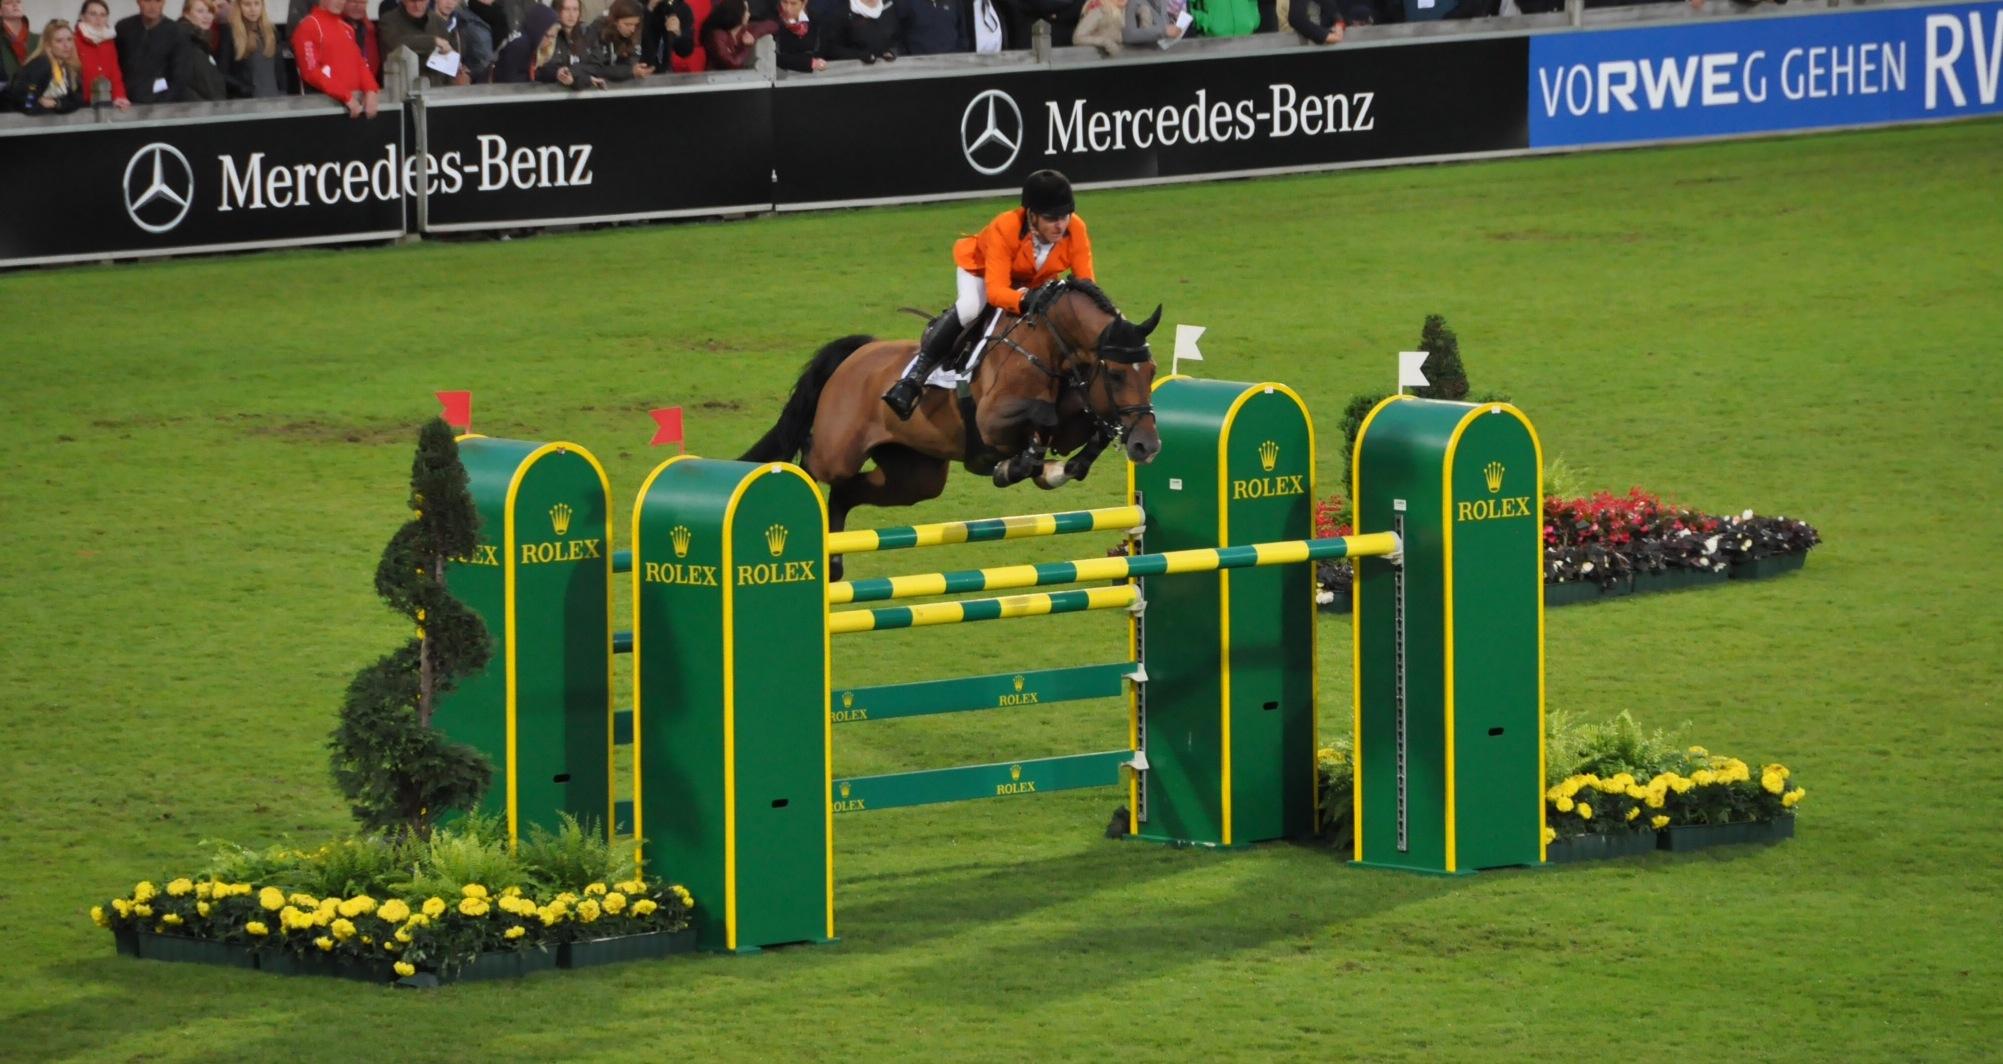 La famiglia Thijssen domina il Csi 2 stelle di Drachten